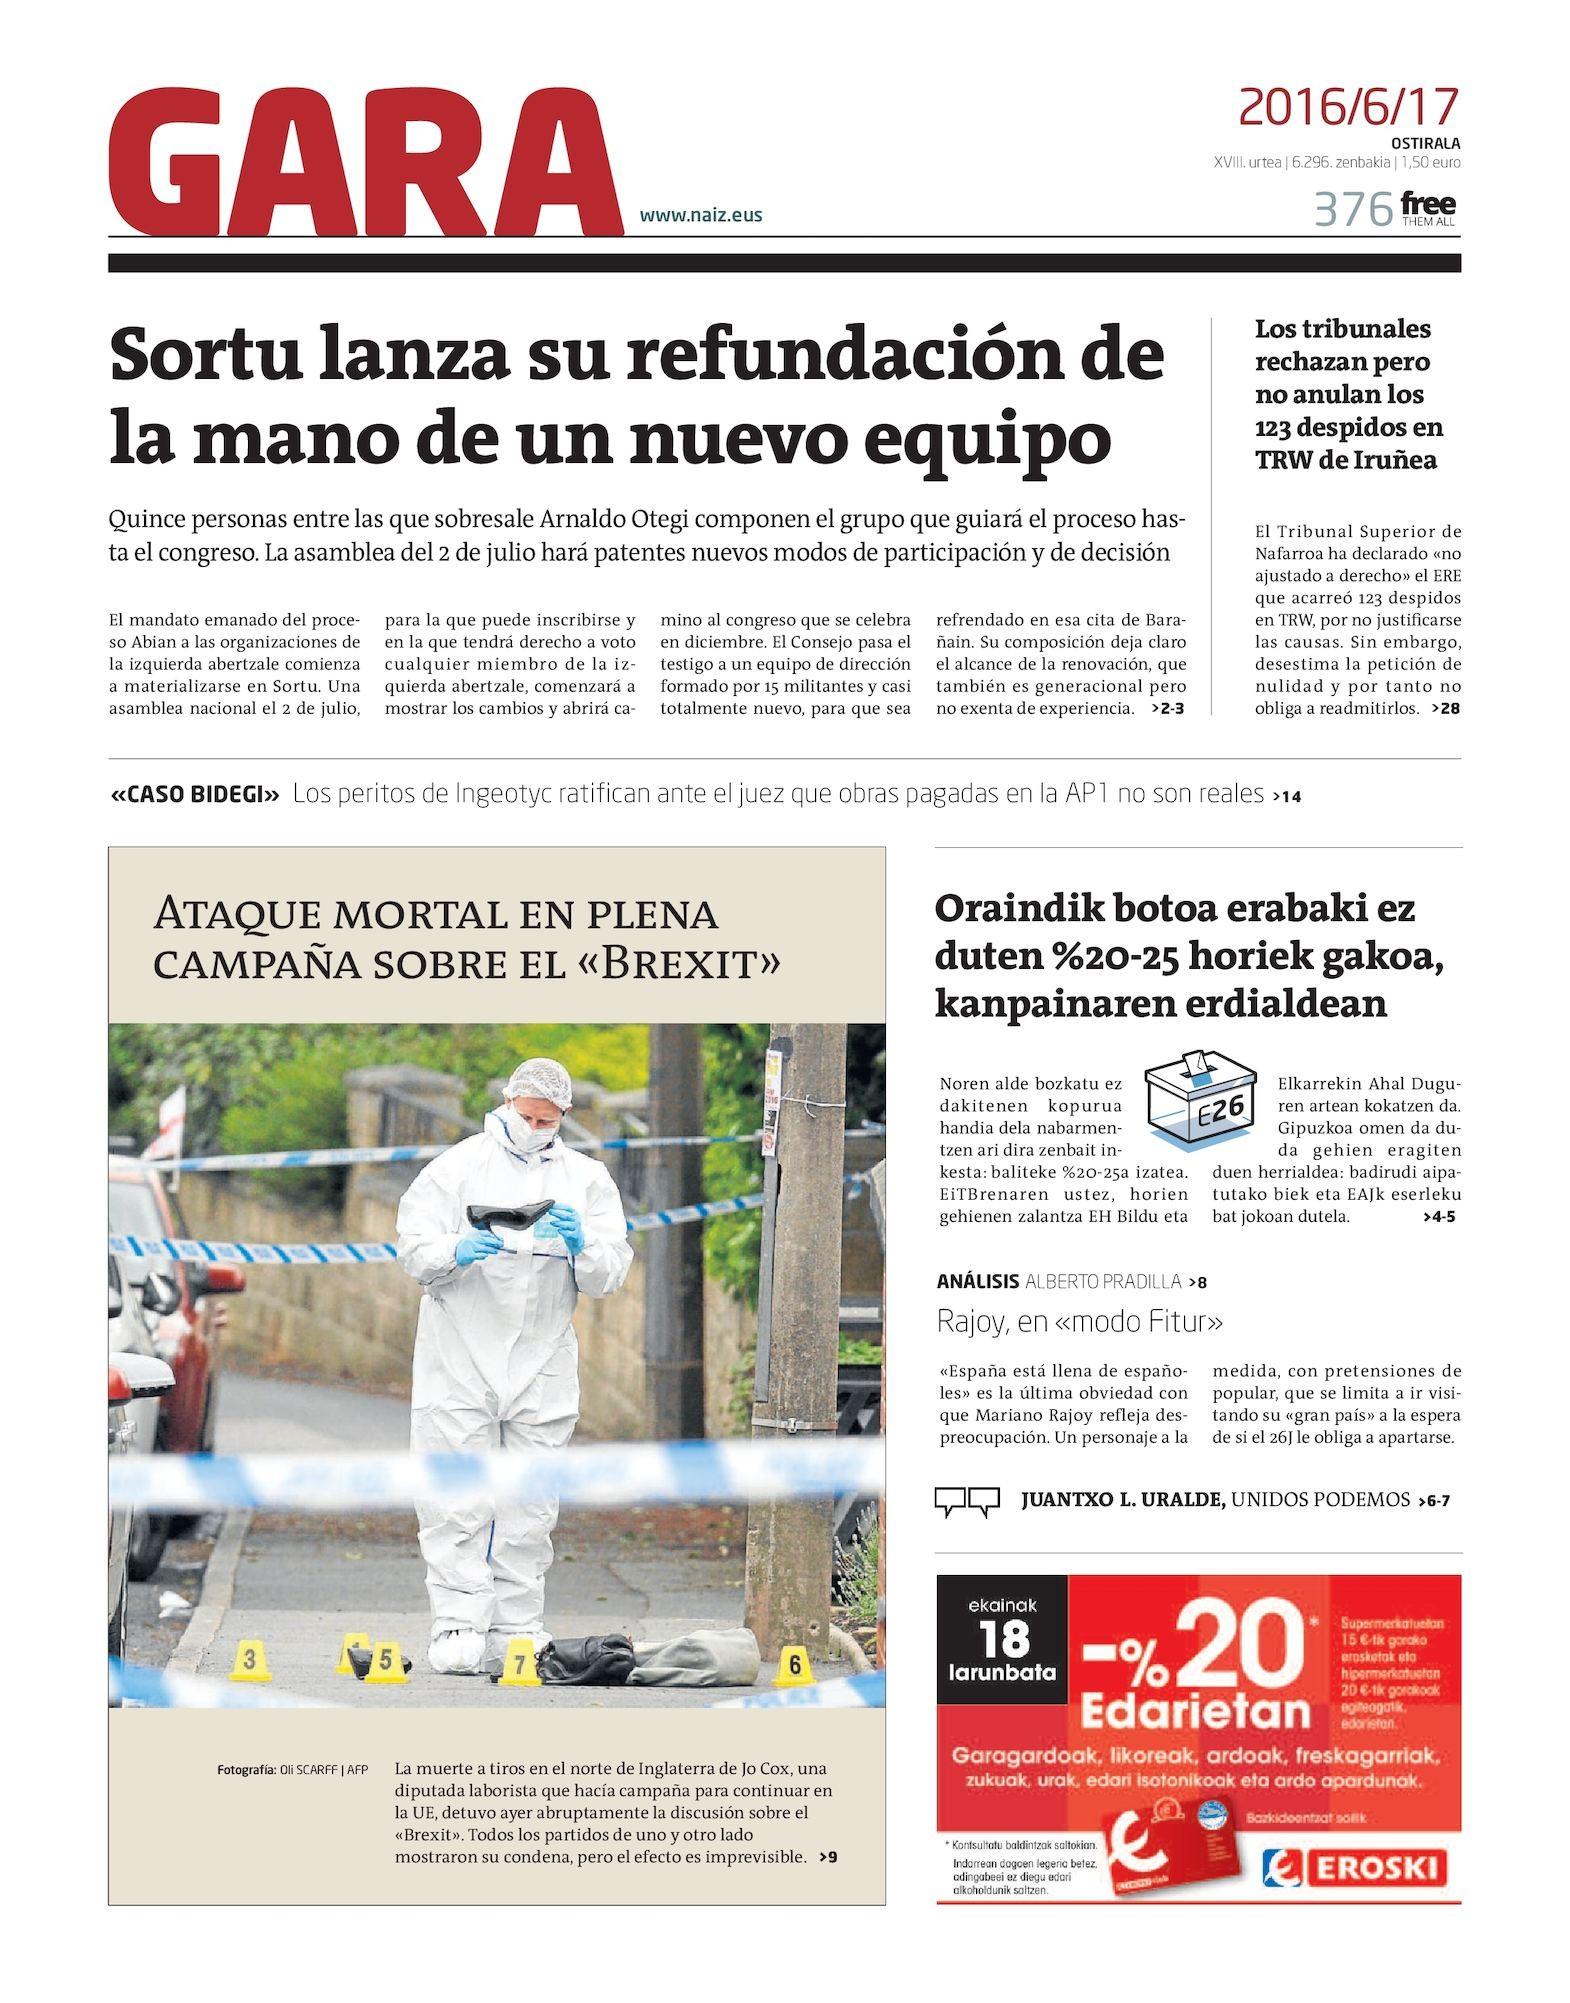 Calendario Escolar 2019 Durango Más Recientes Calaméo Gara Of Calendario Escolar 2019 Durango Más Actual Calaméo Diario De Noticias De lava